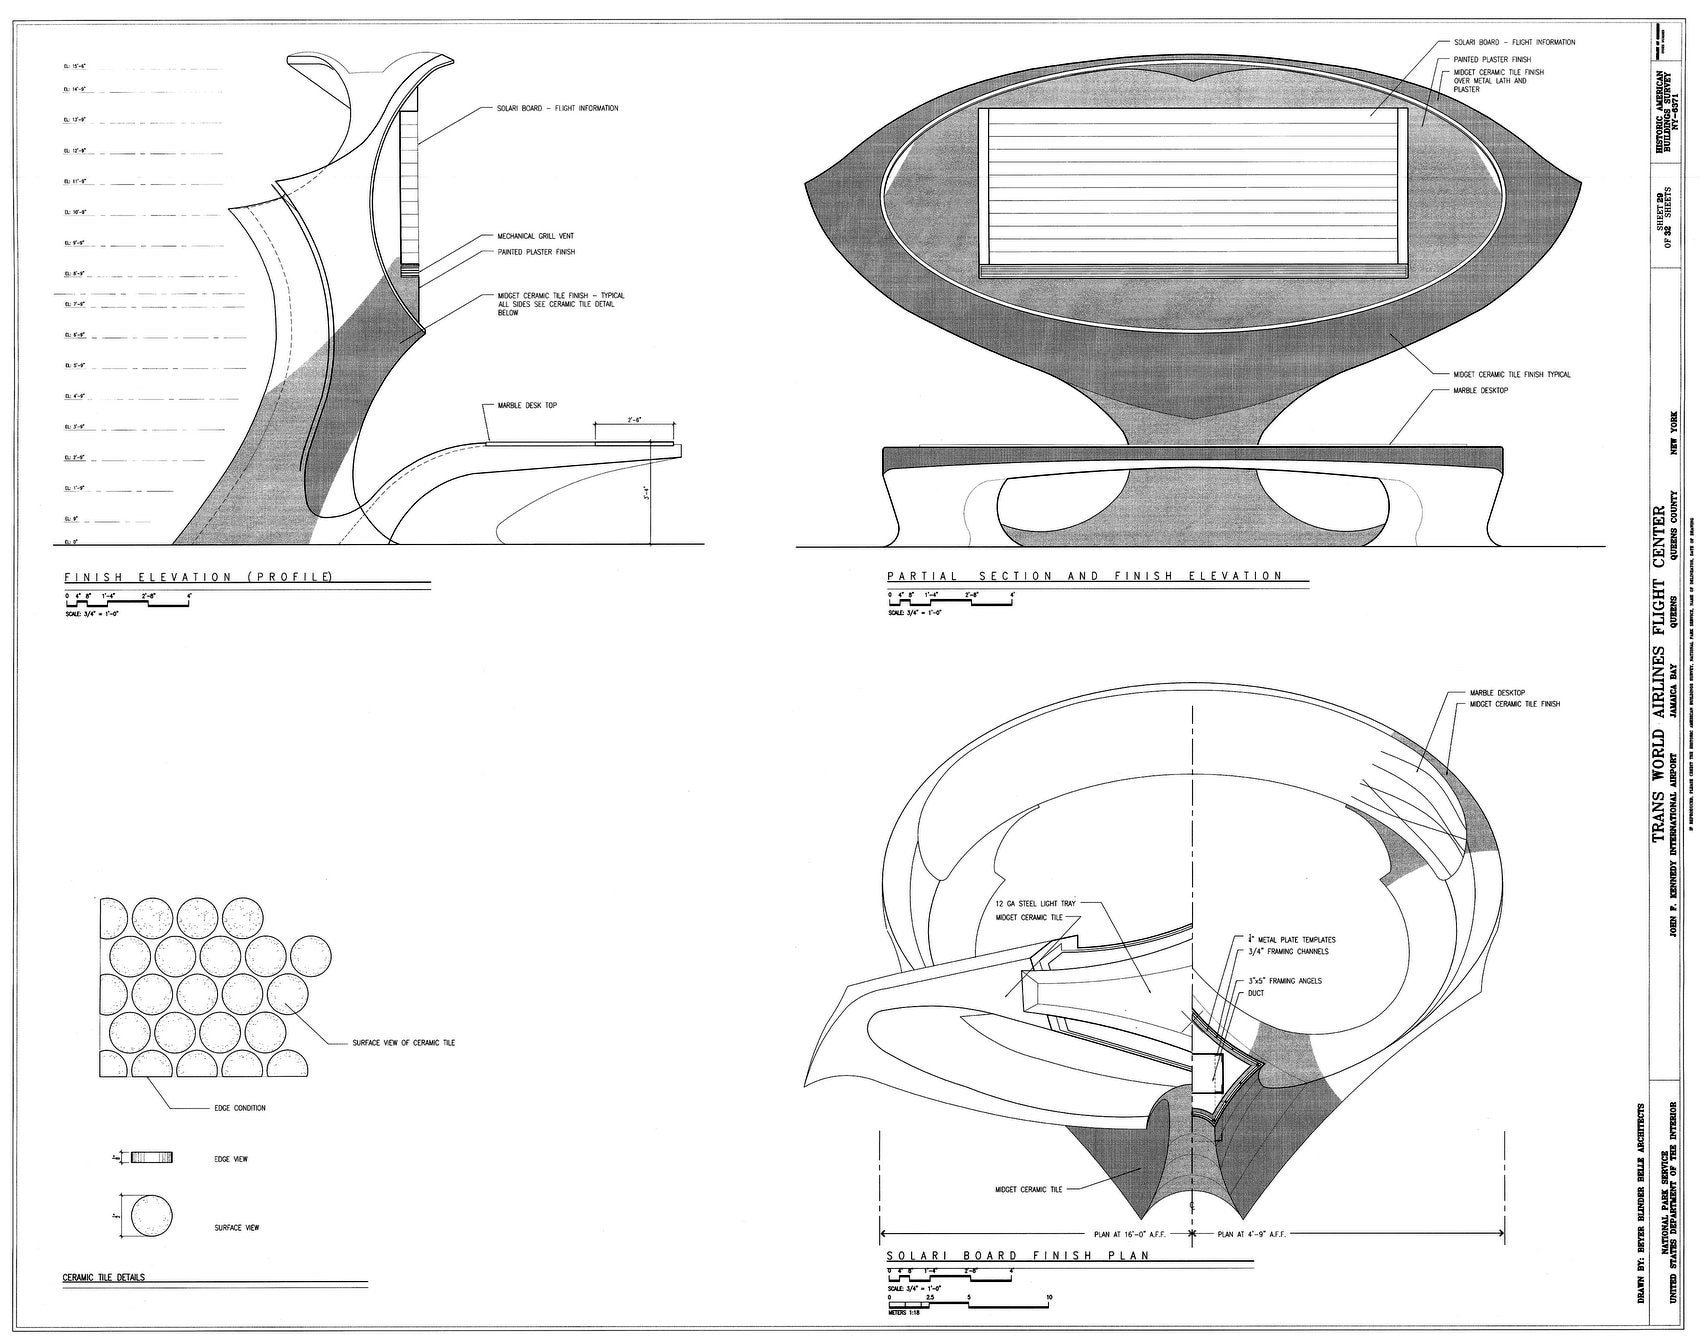 The famous Solari board airport information desk design - 1960s architecture